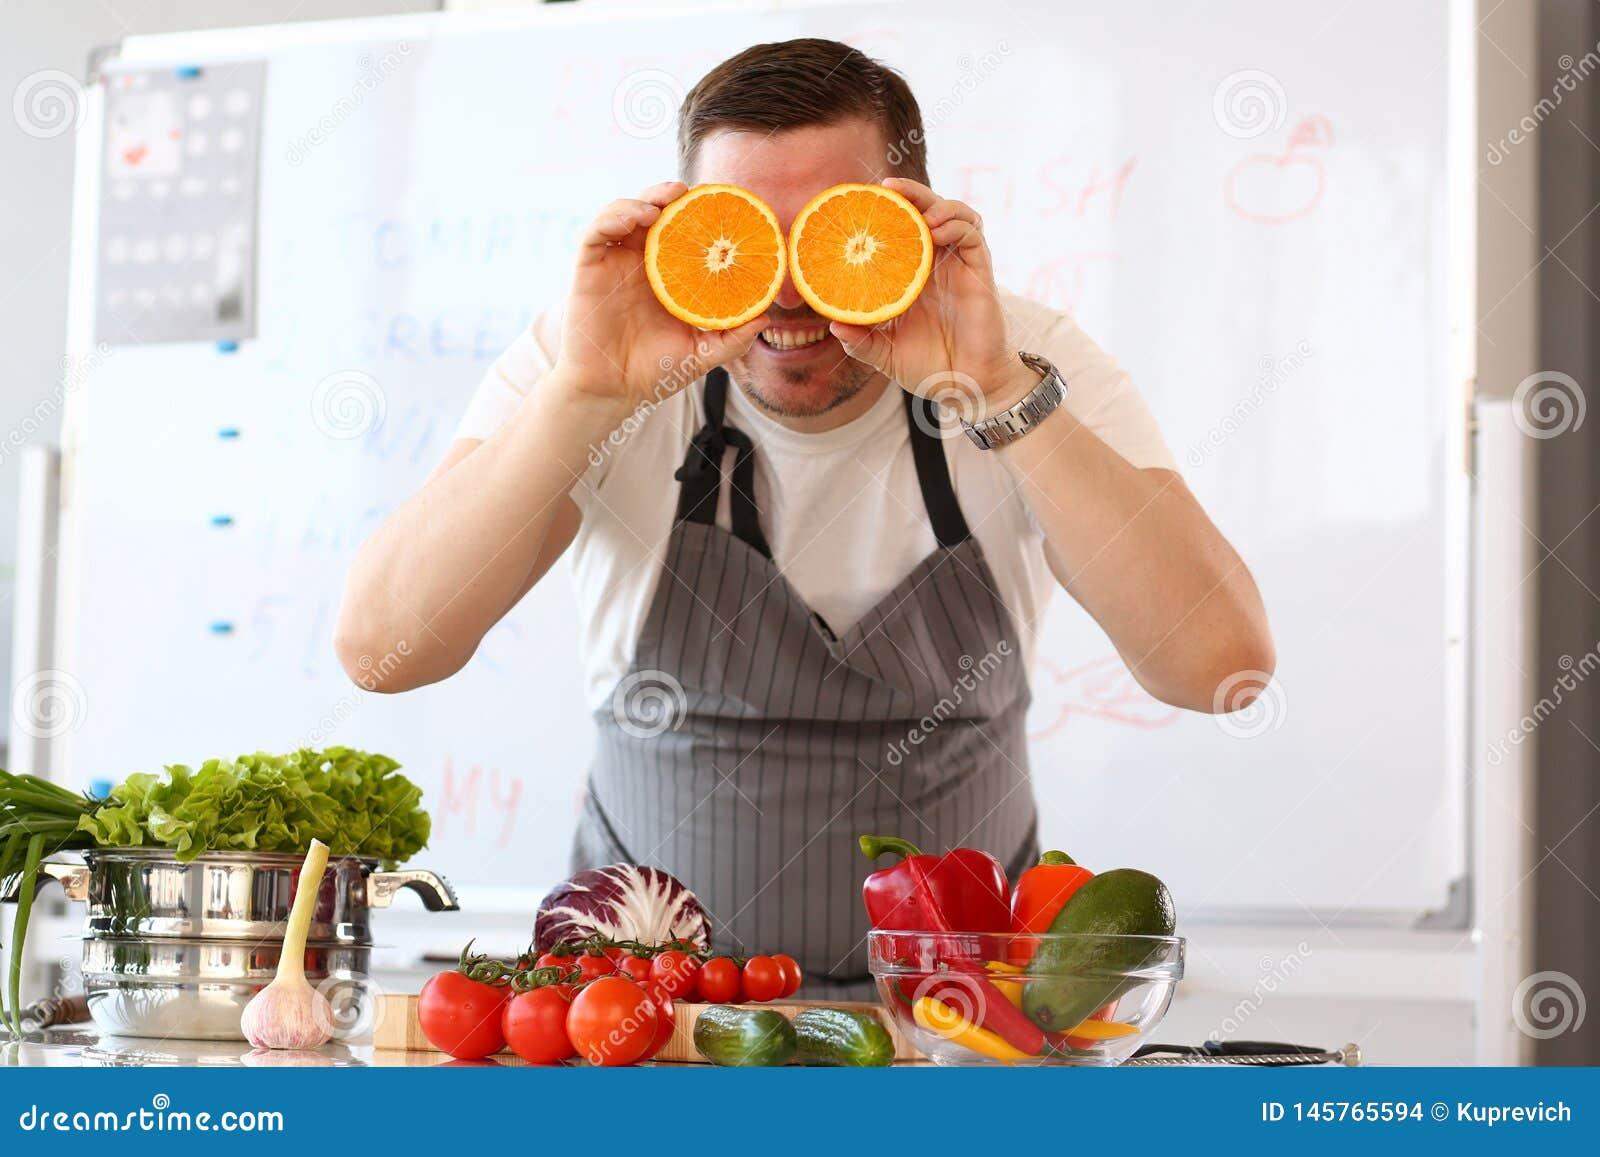 Oranje de Citrusvruchtenoog van chef-kokvlogger showing comic